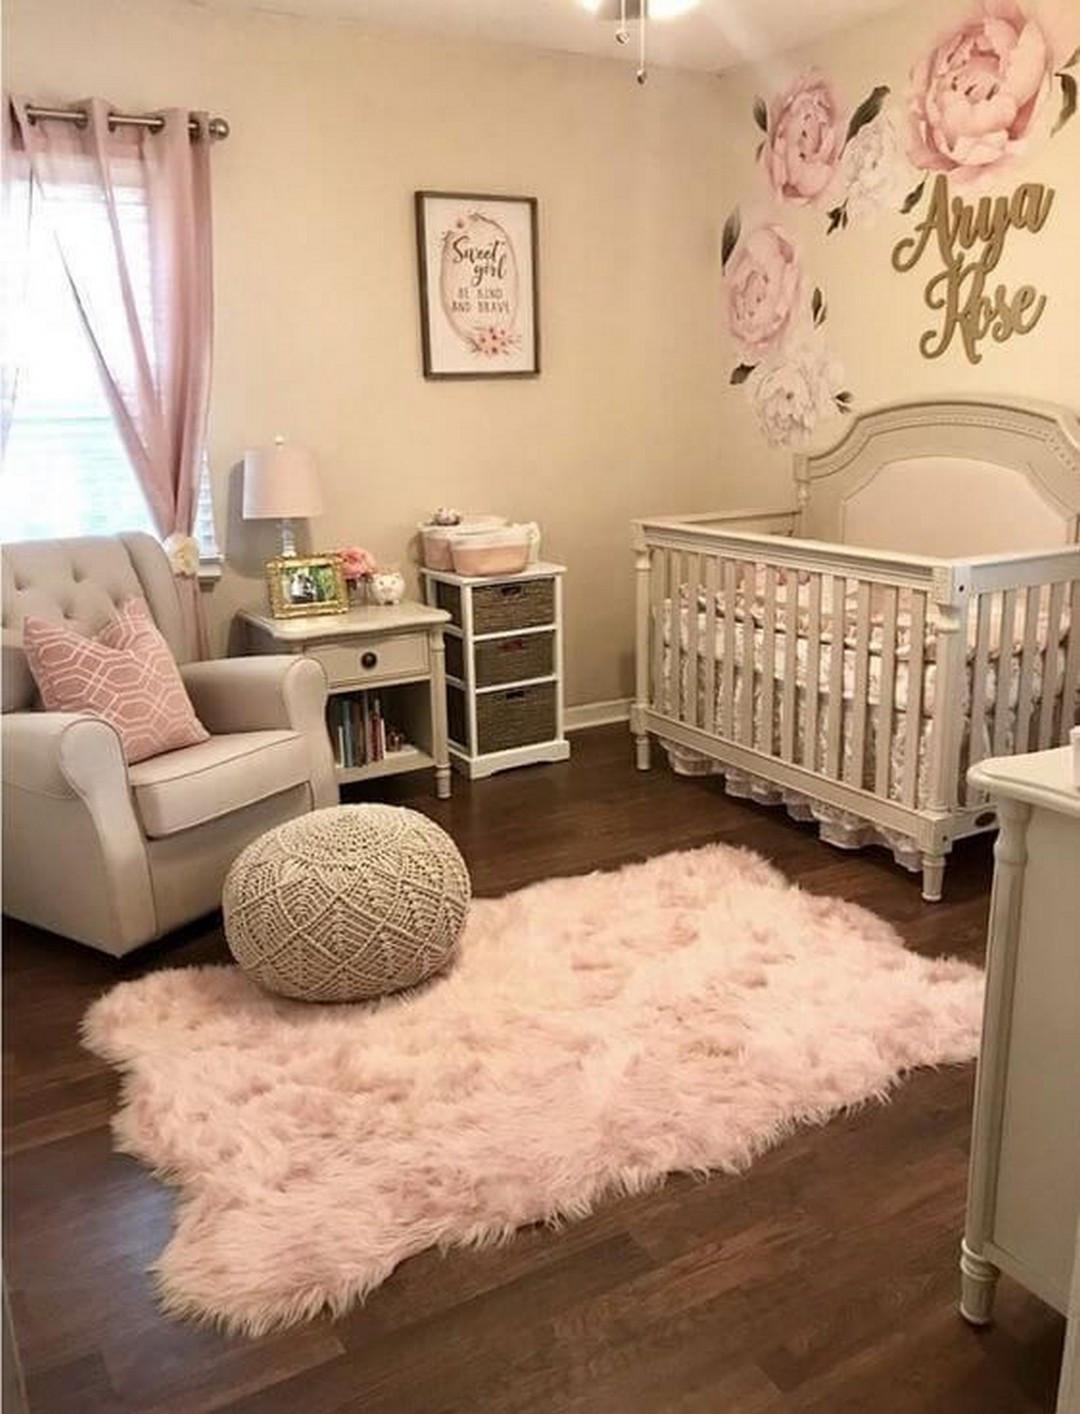 Baby Girls Room Decor Ideas  17 Cute Nursery Ideas For Your Baby Girl House & Living